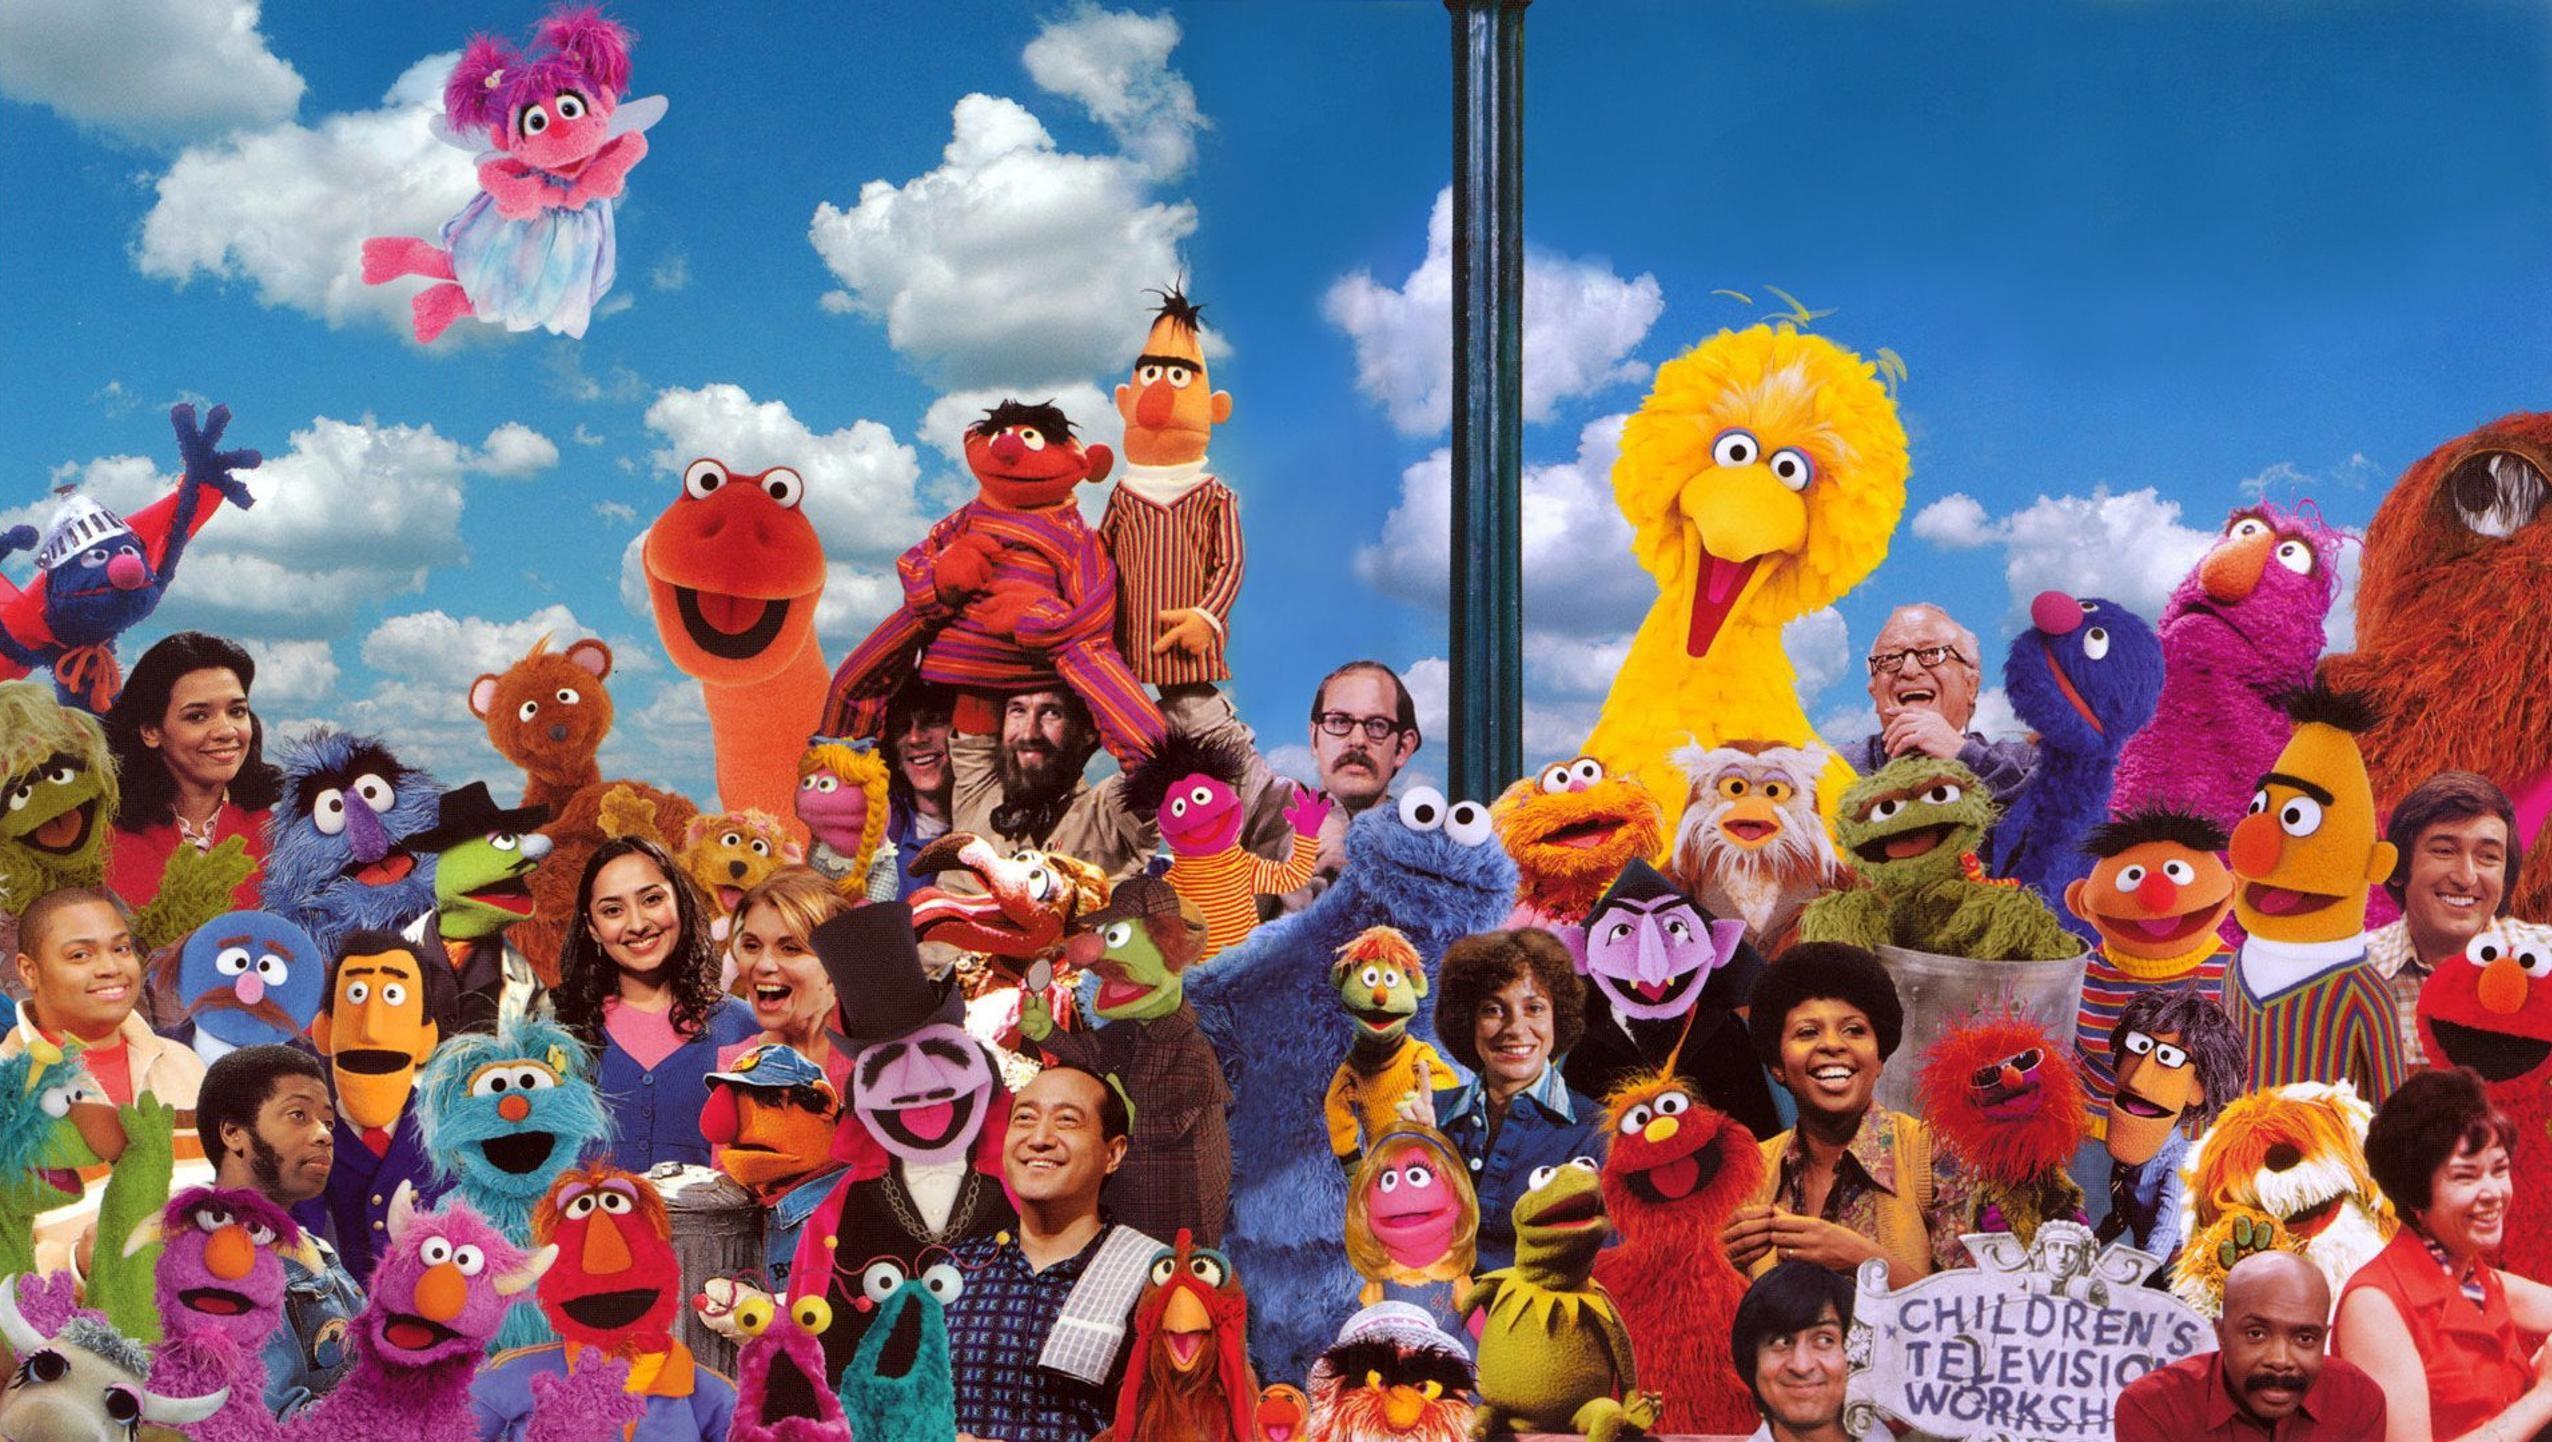 """Res: 2552x1442, Wallpaper for """"Sesame Street"""" ..."""